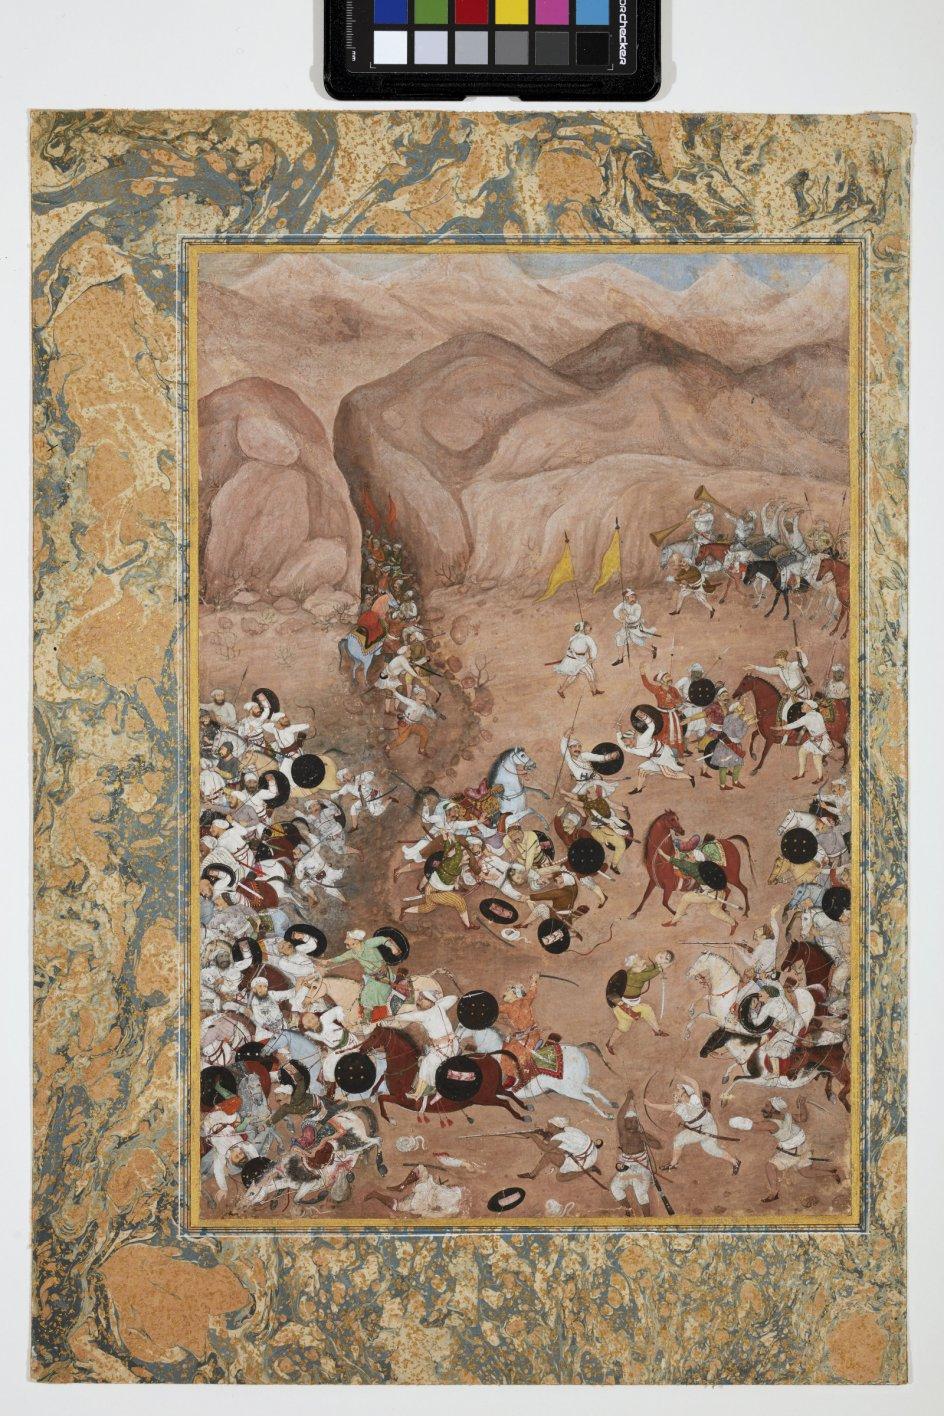 Én af de miniaturer, der viser, hvordan våbnene er blevet brugt i store slag. Her vises, hvordan den indiske hinduhersker Bikramijt og hans hær (til højre) overvinder den afghanske Darya Khan Rohilla (til venstre). Miniaturen er fra midt i 1600-tallet. – Foto: Pernille Klemp/Davids Samling.